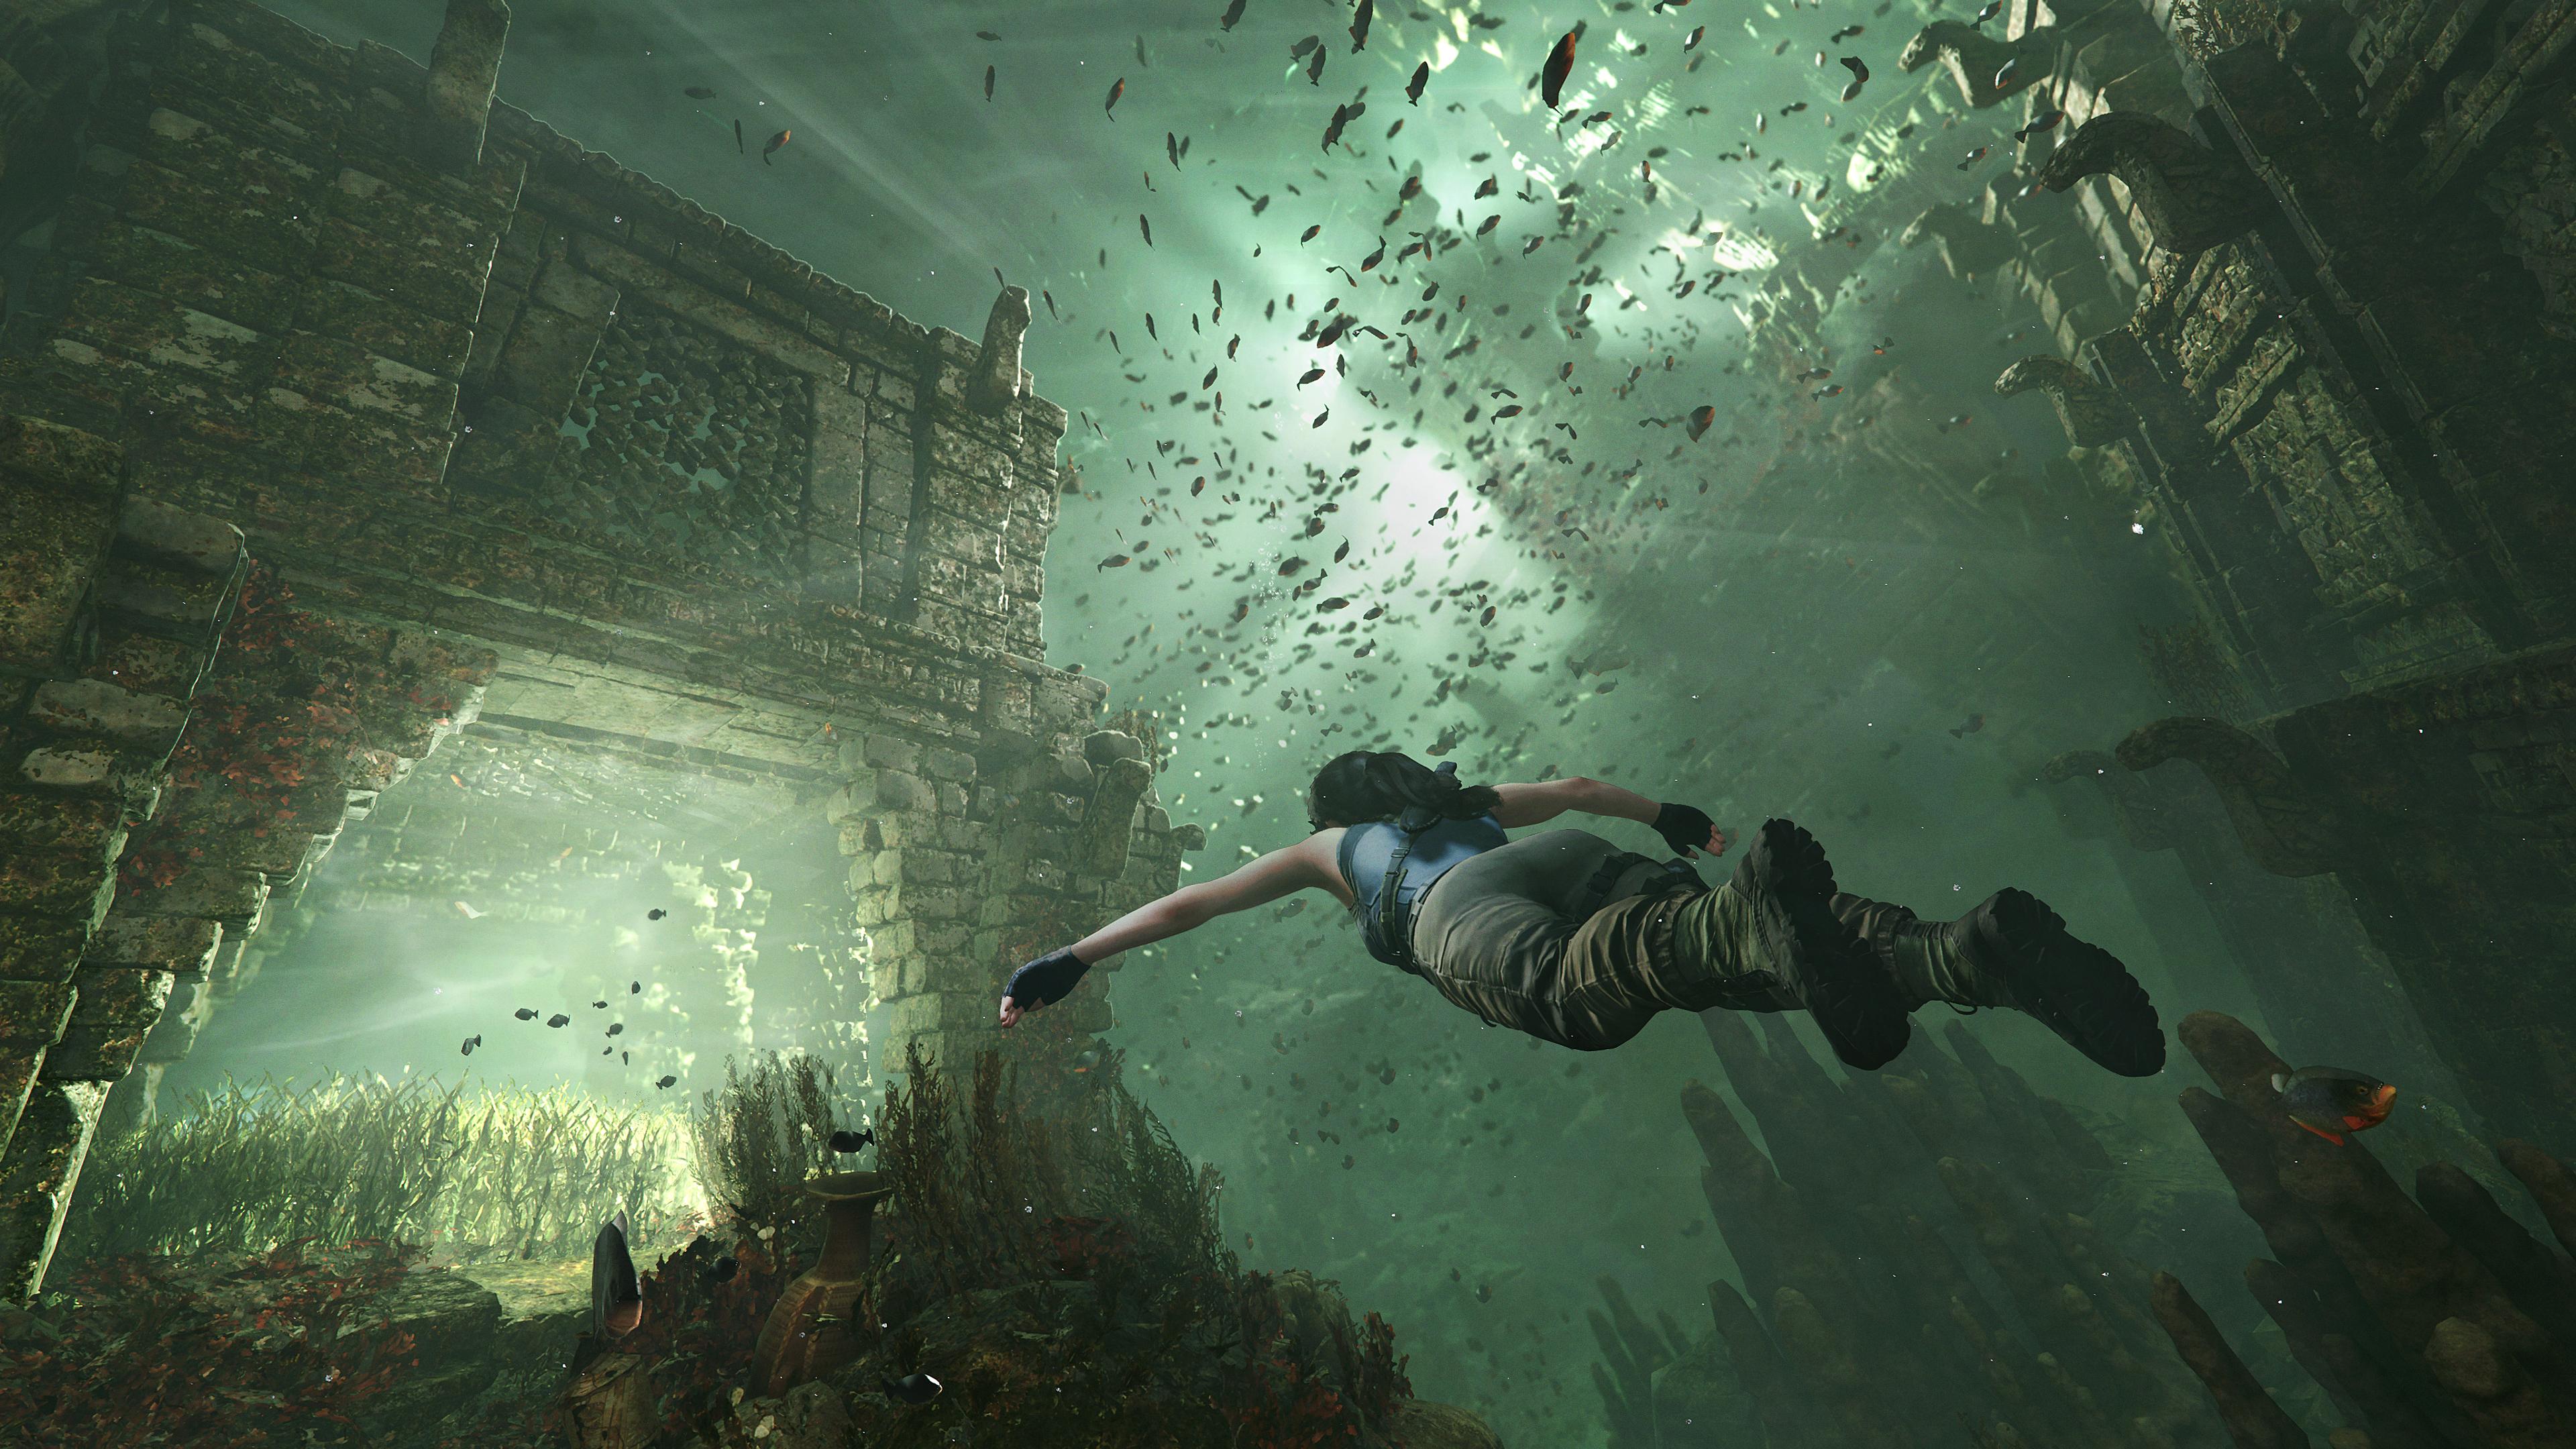 Les profondeurs sous-marine de la jungle cachent de nombreux secrets et trésors